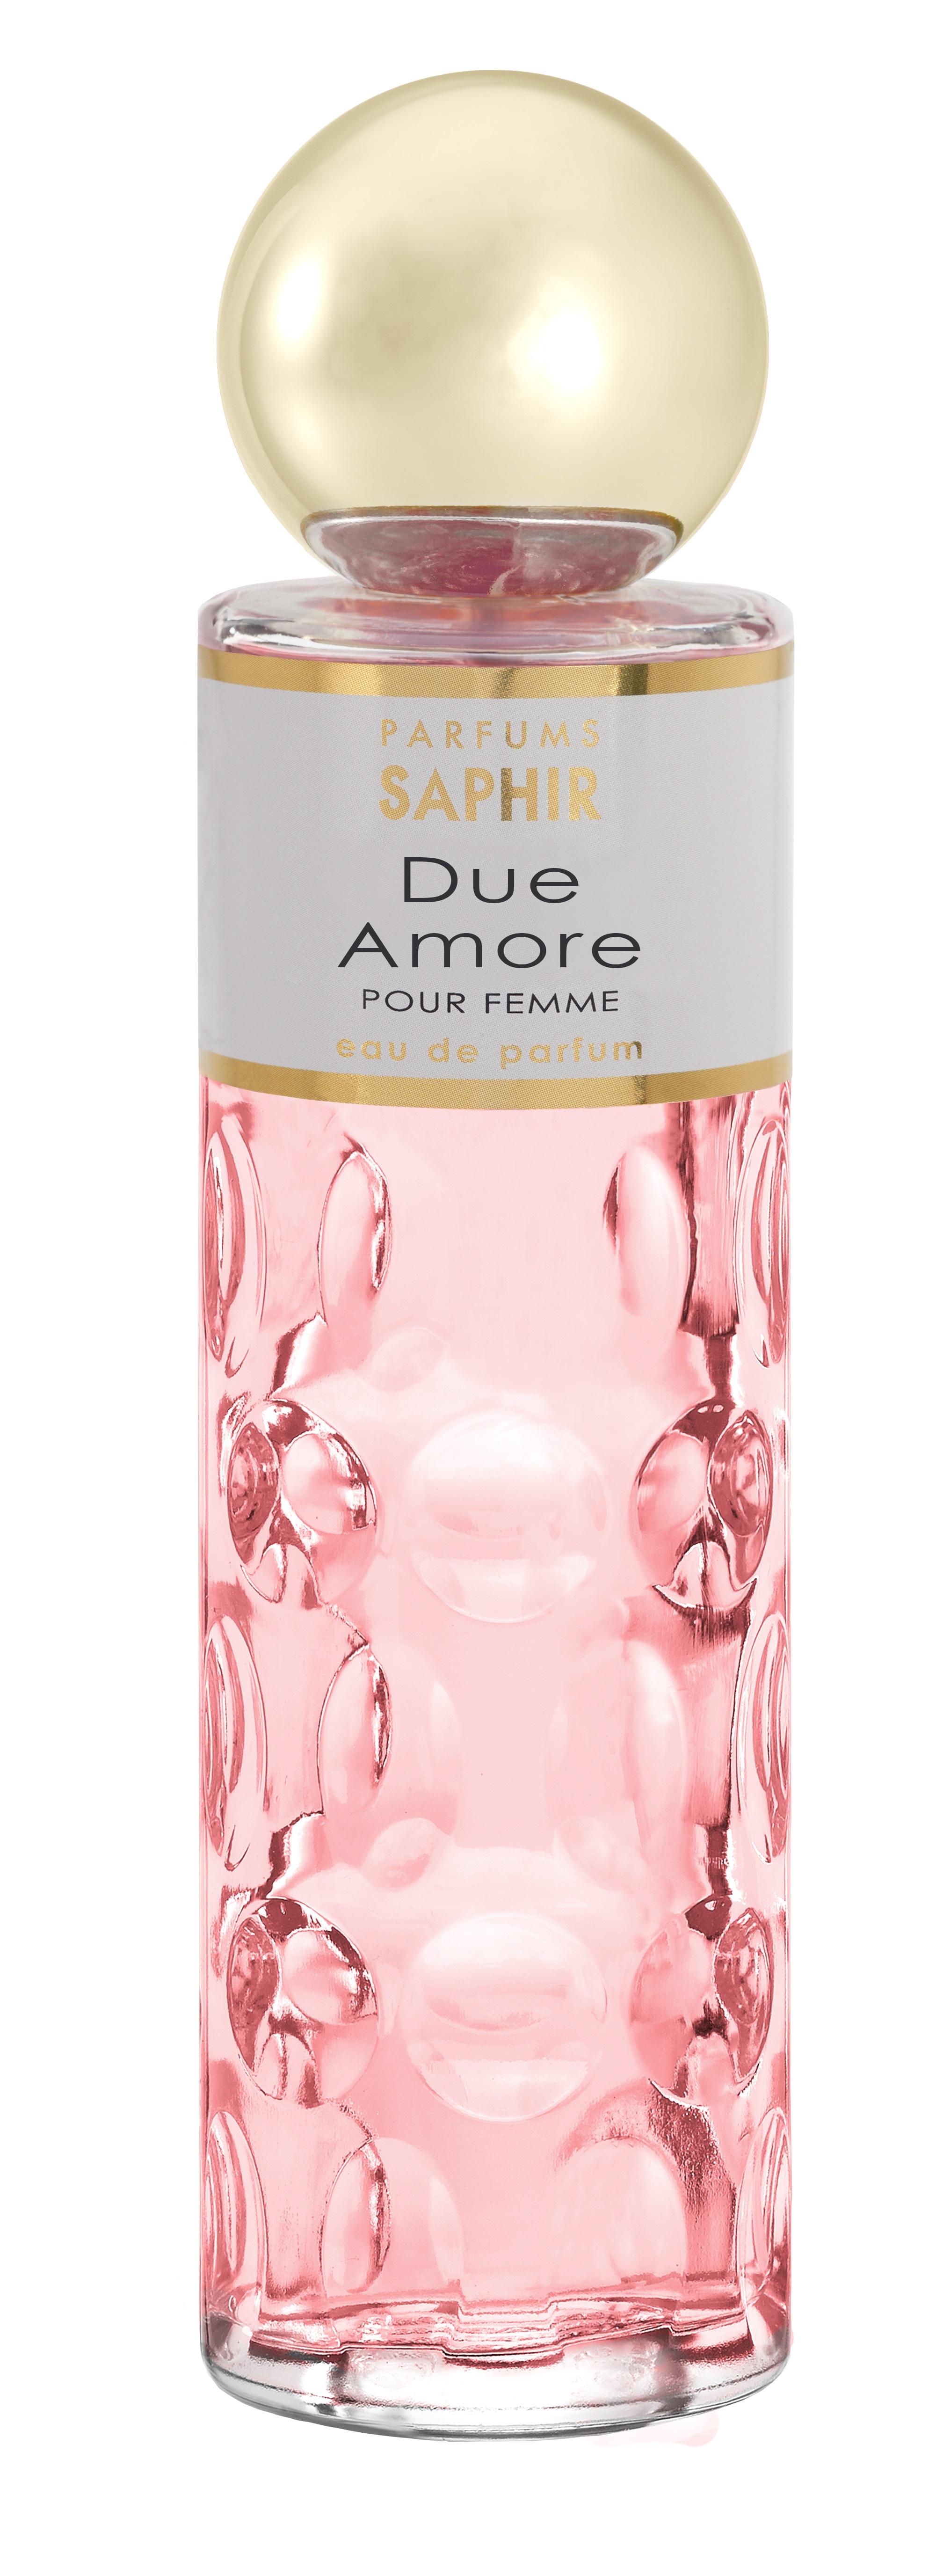 Saphir Due Amore  Eau de Parfum 200 ml